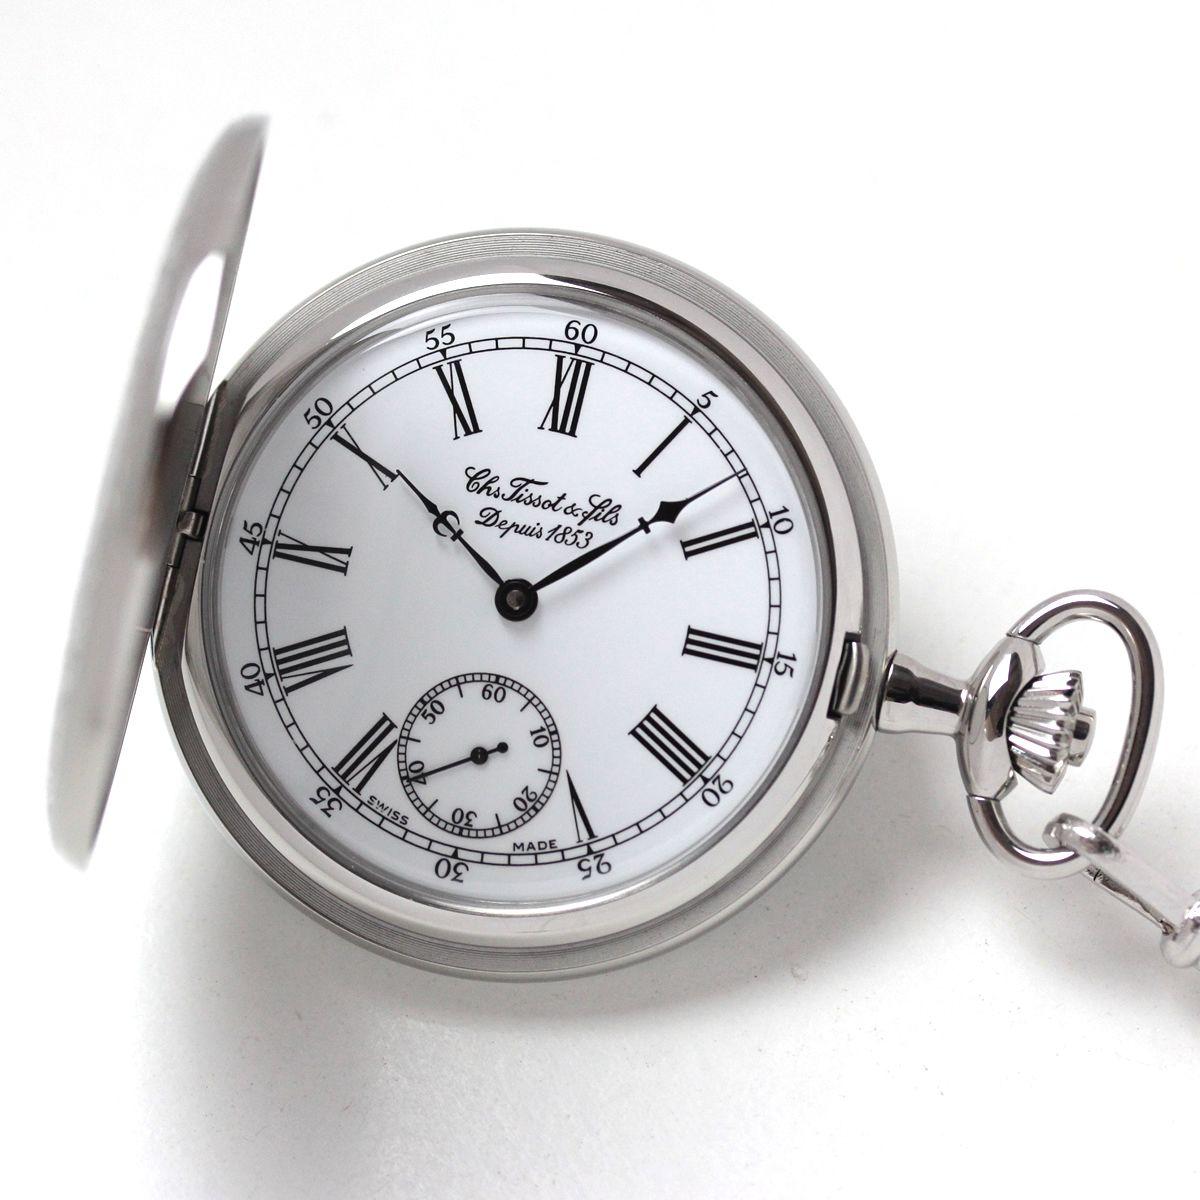 ティソ サボネット メカニカル 懐中時計 t83645413